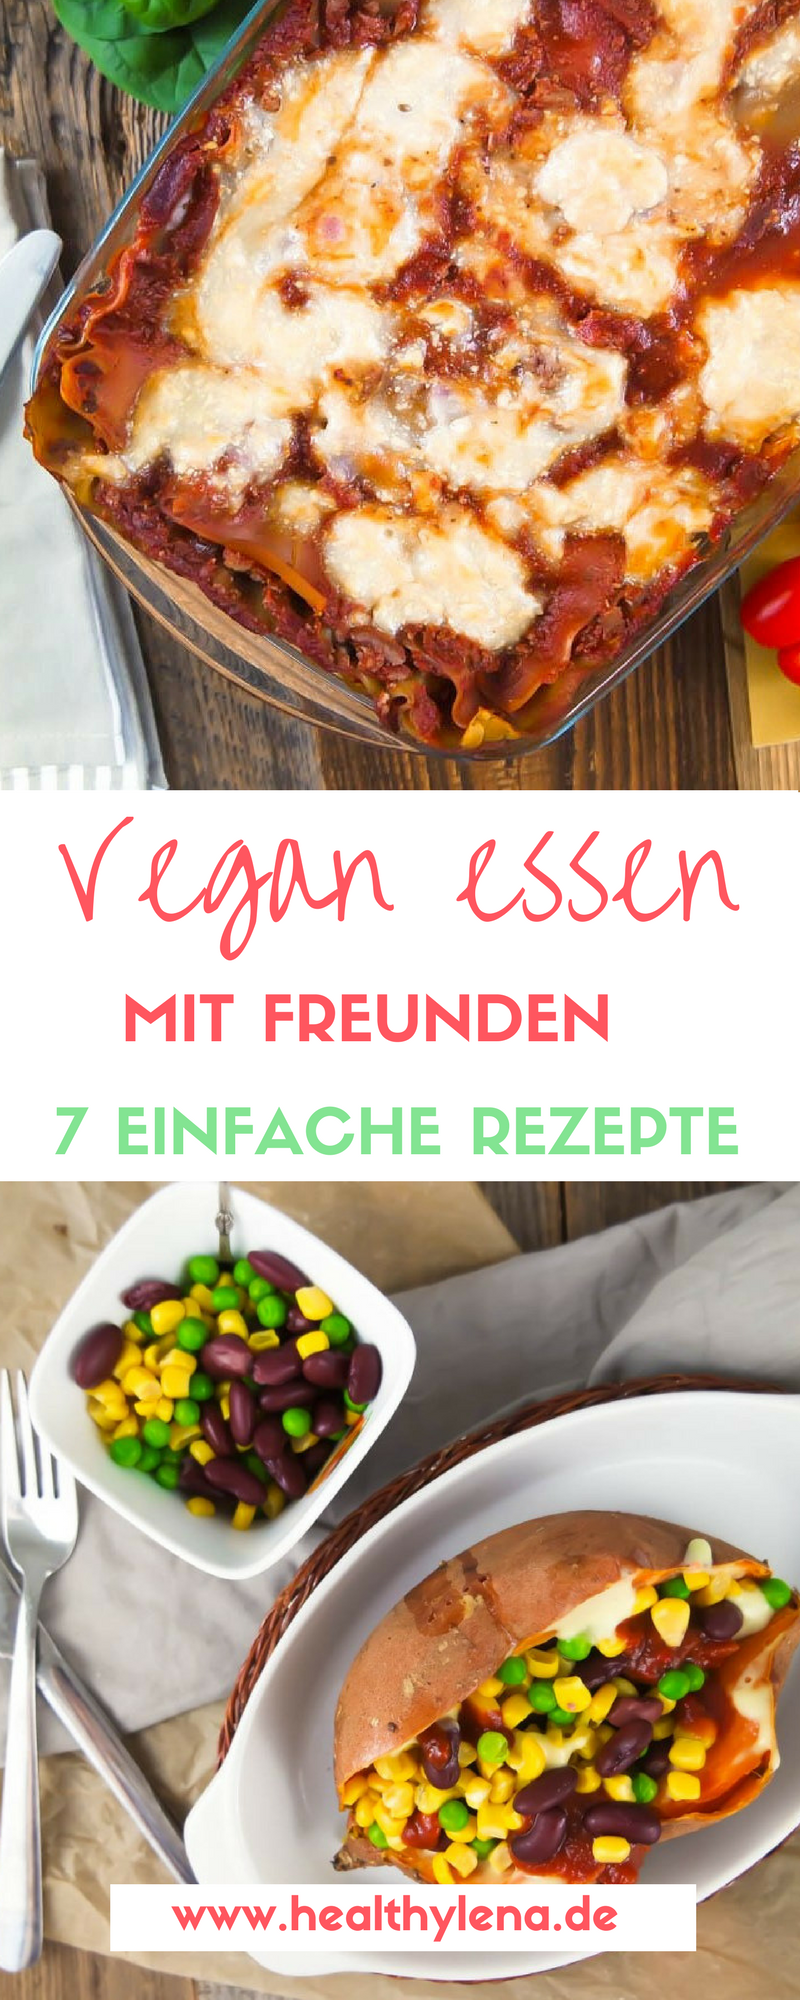 Vegan Essen Mit Freunden 7 Einfache Rezepte Vegan Essen Rezepte Vegan Kochen